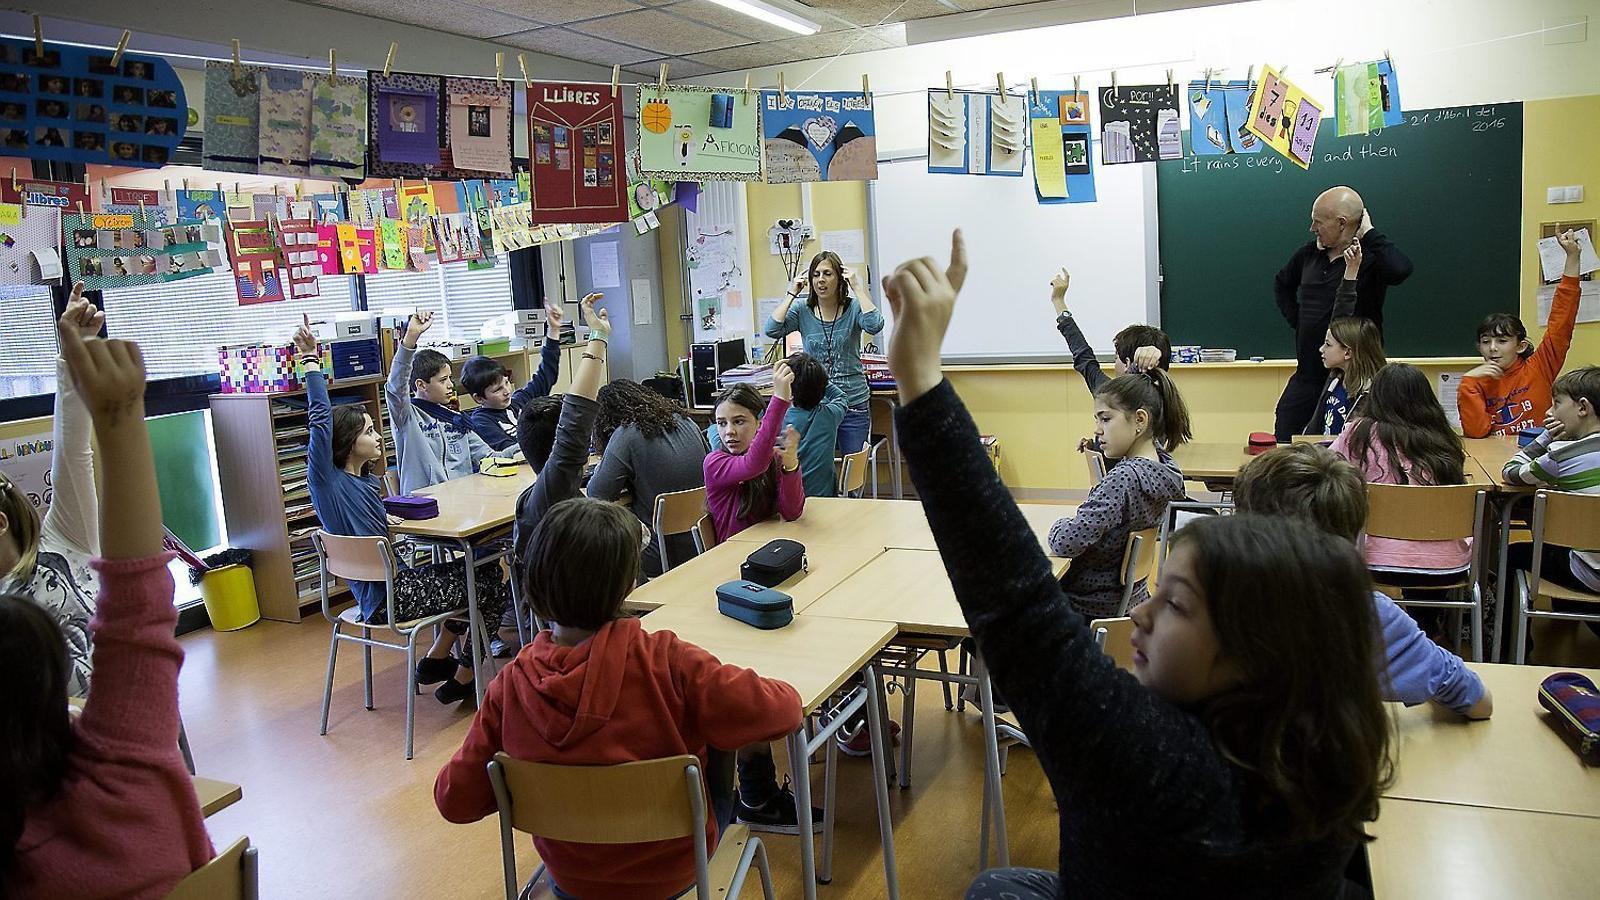 L'escola Fructuós Gelabert, situada a l'Eixample, és un dels centres que forma part del programa Escola Nova 21. / FRANCESC MELCION